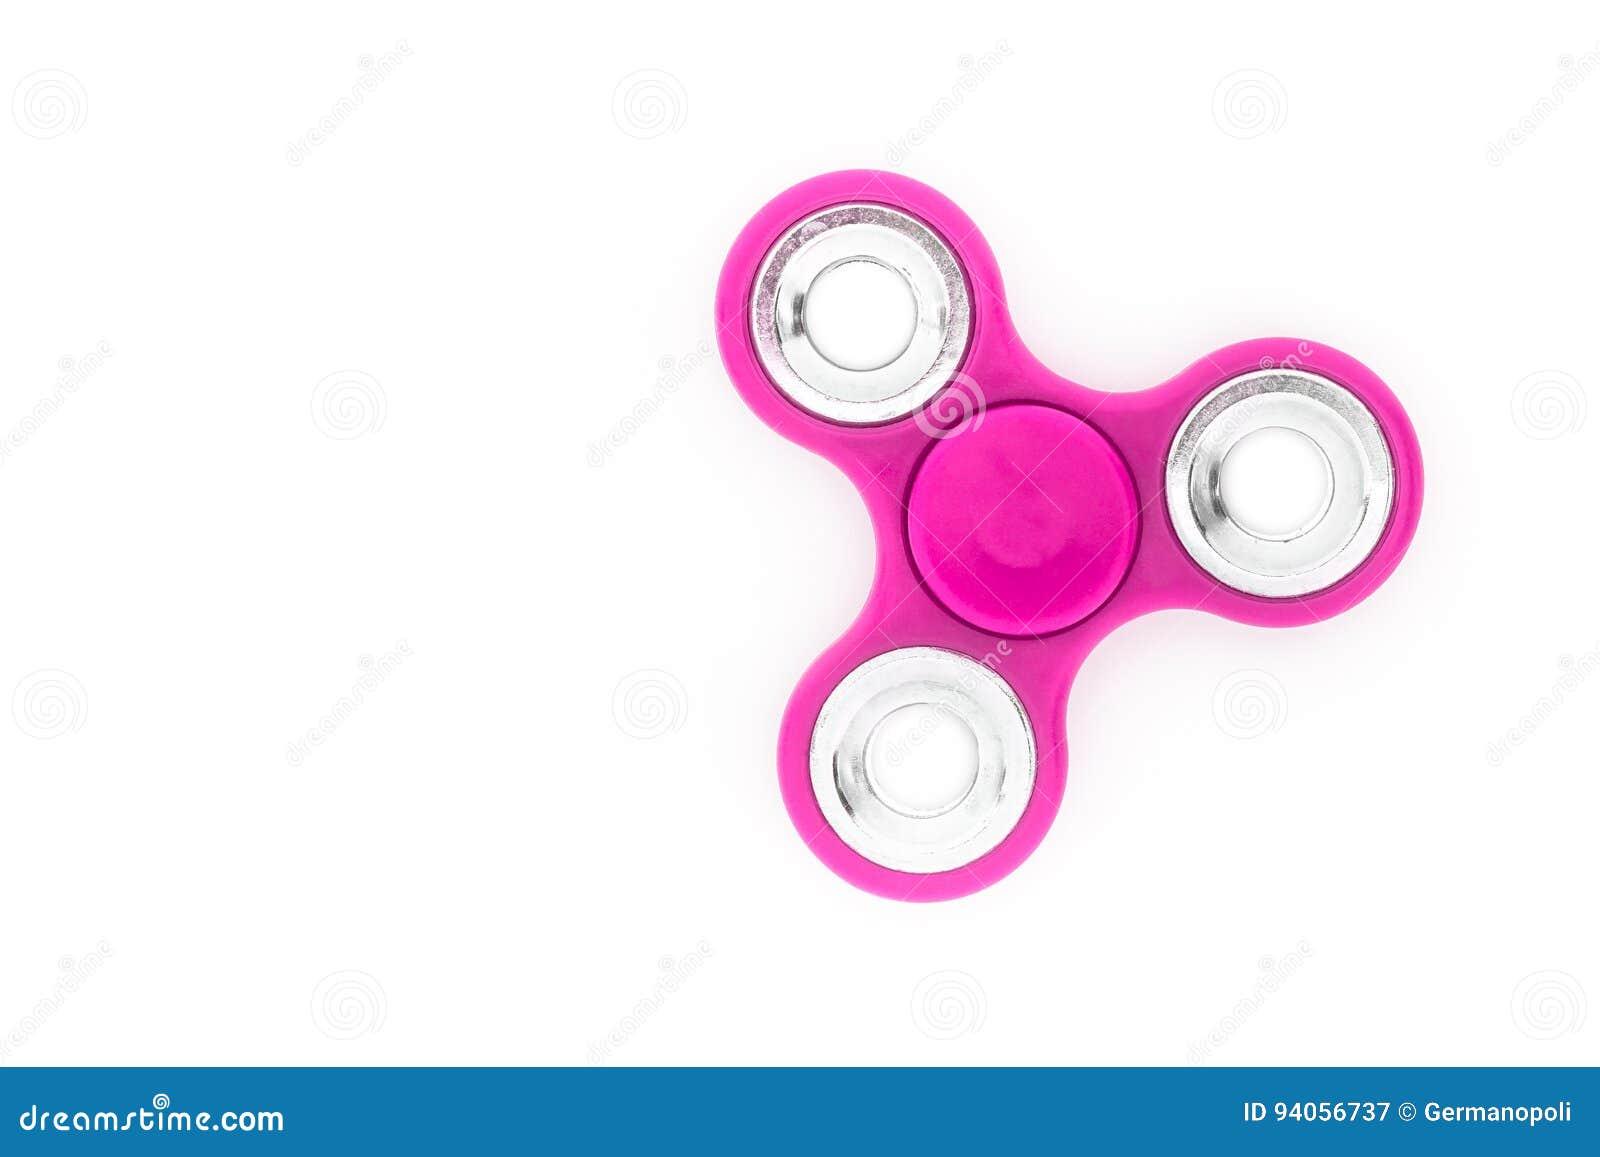 Pink finger spinner